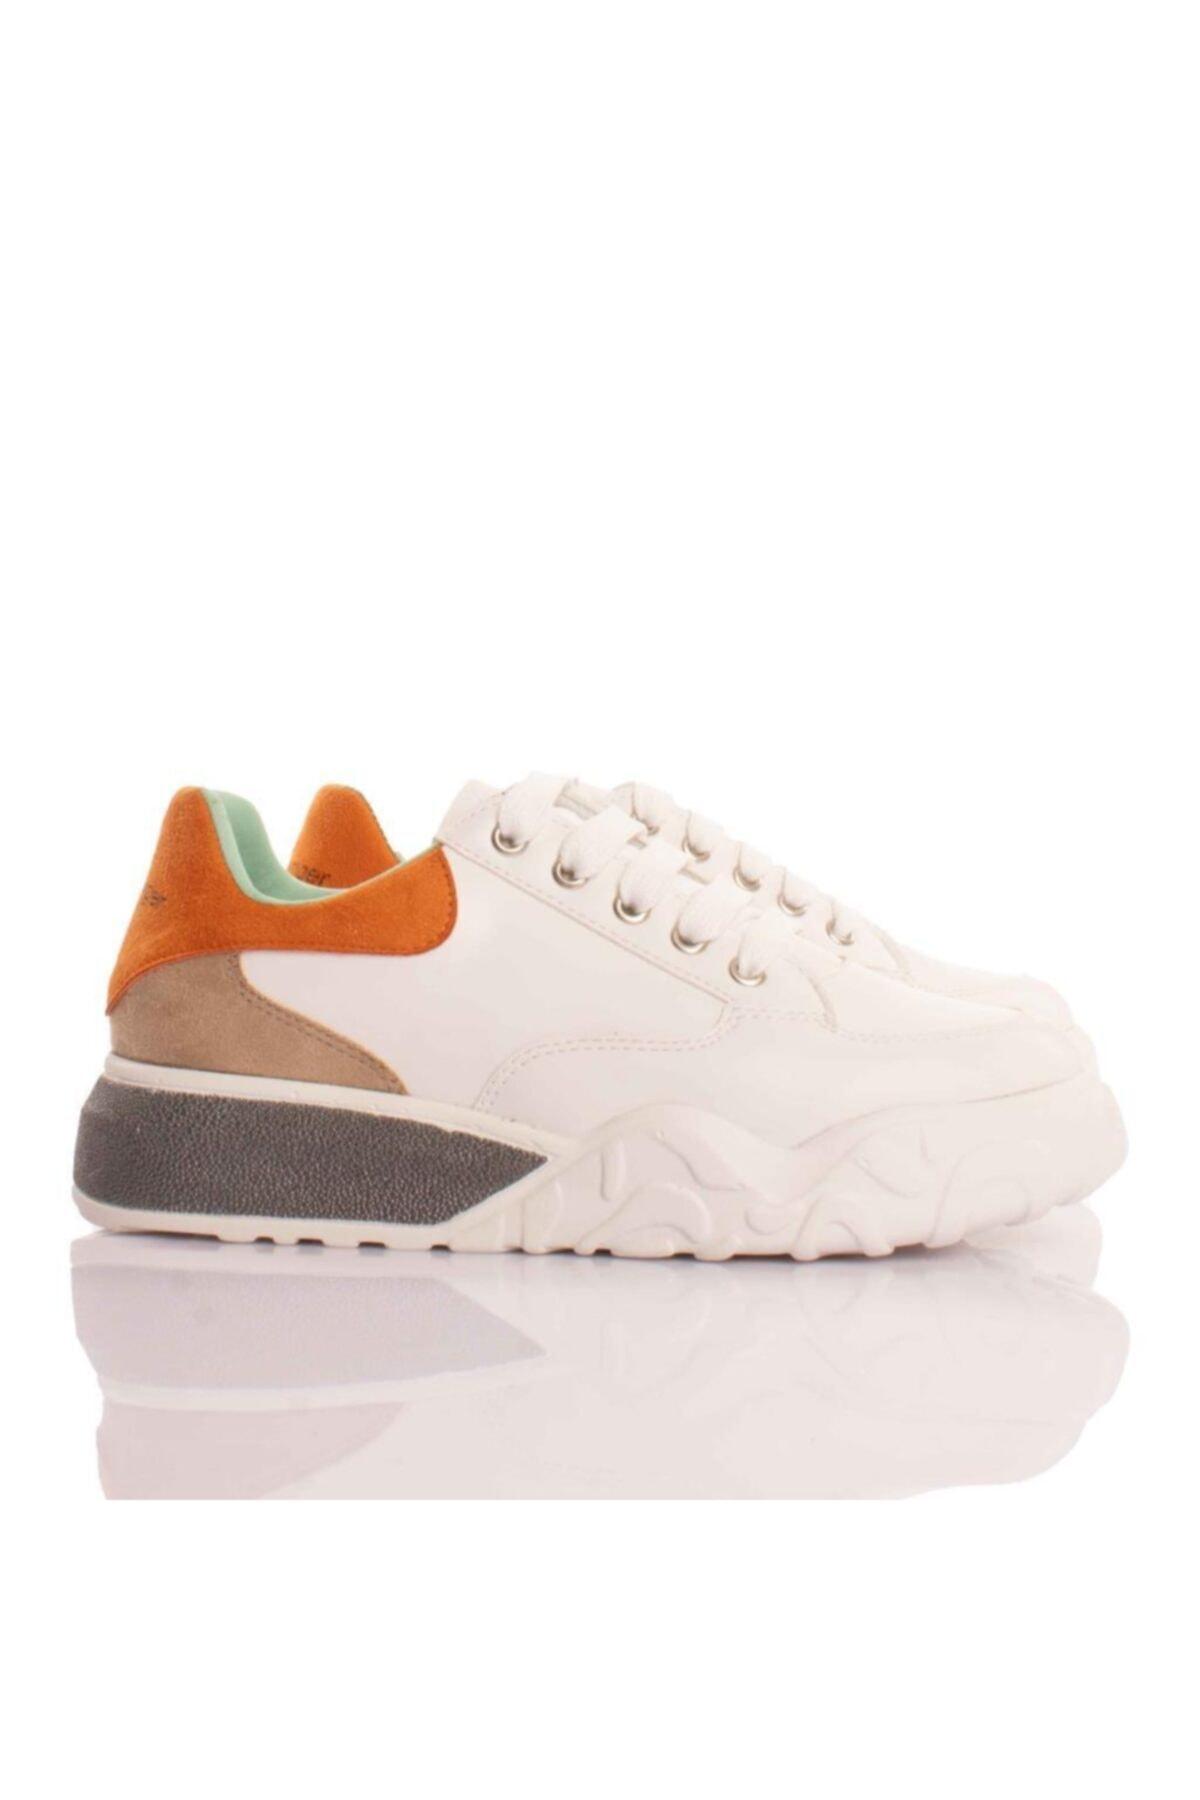 Regov Beyaz-renkli Kadın Sneakers